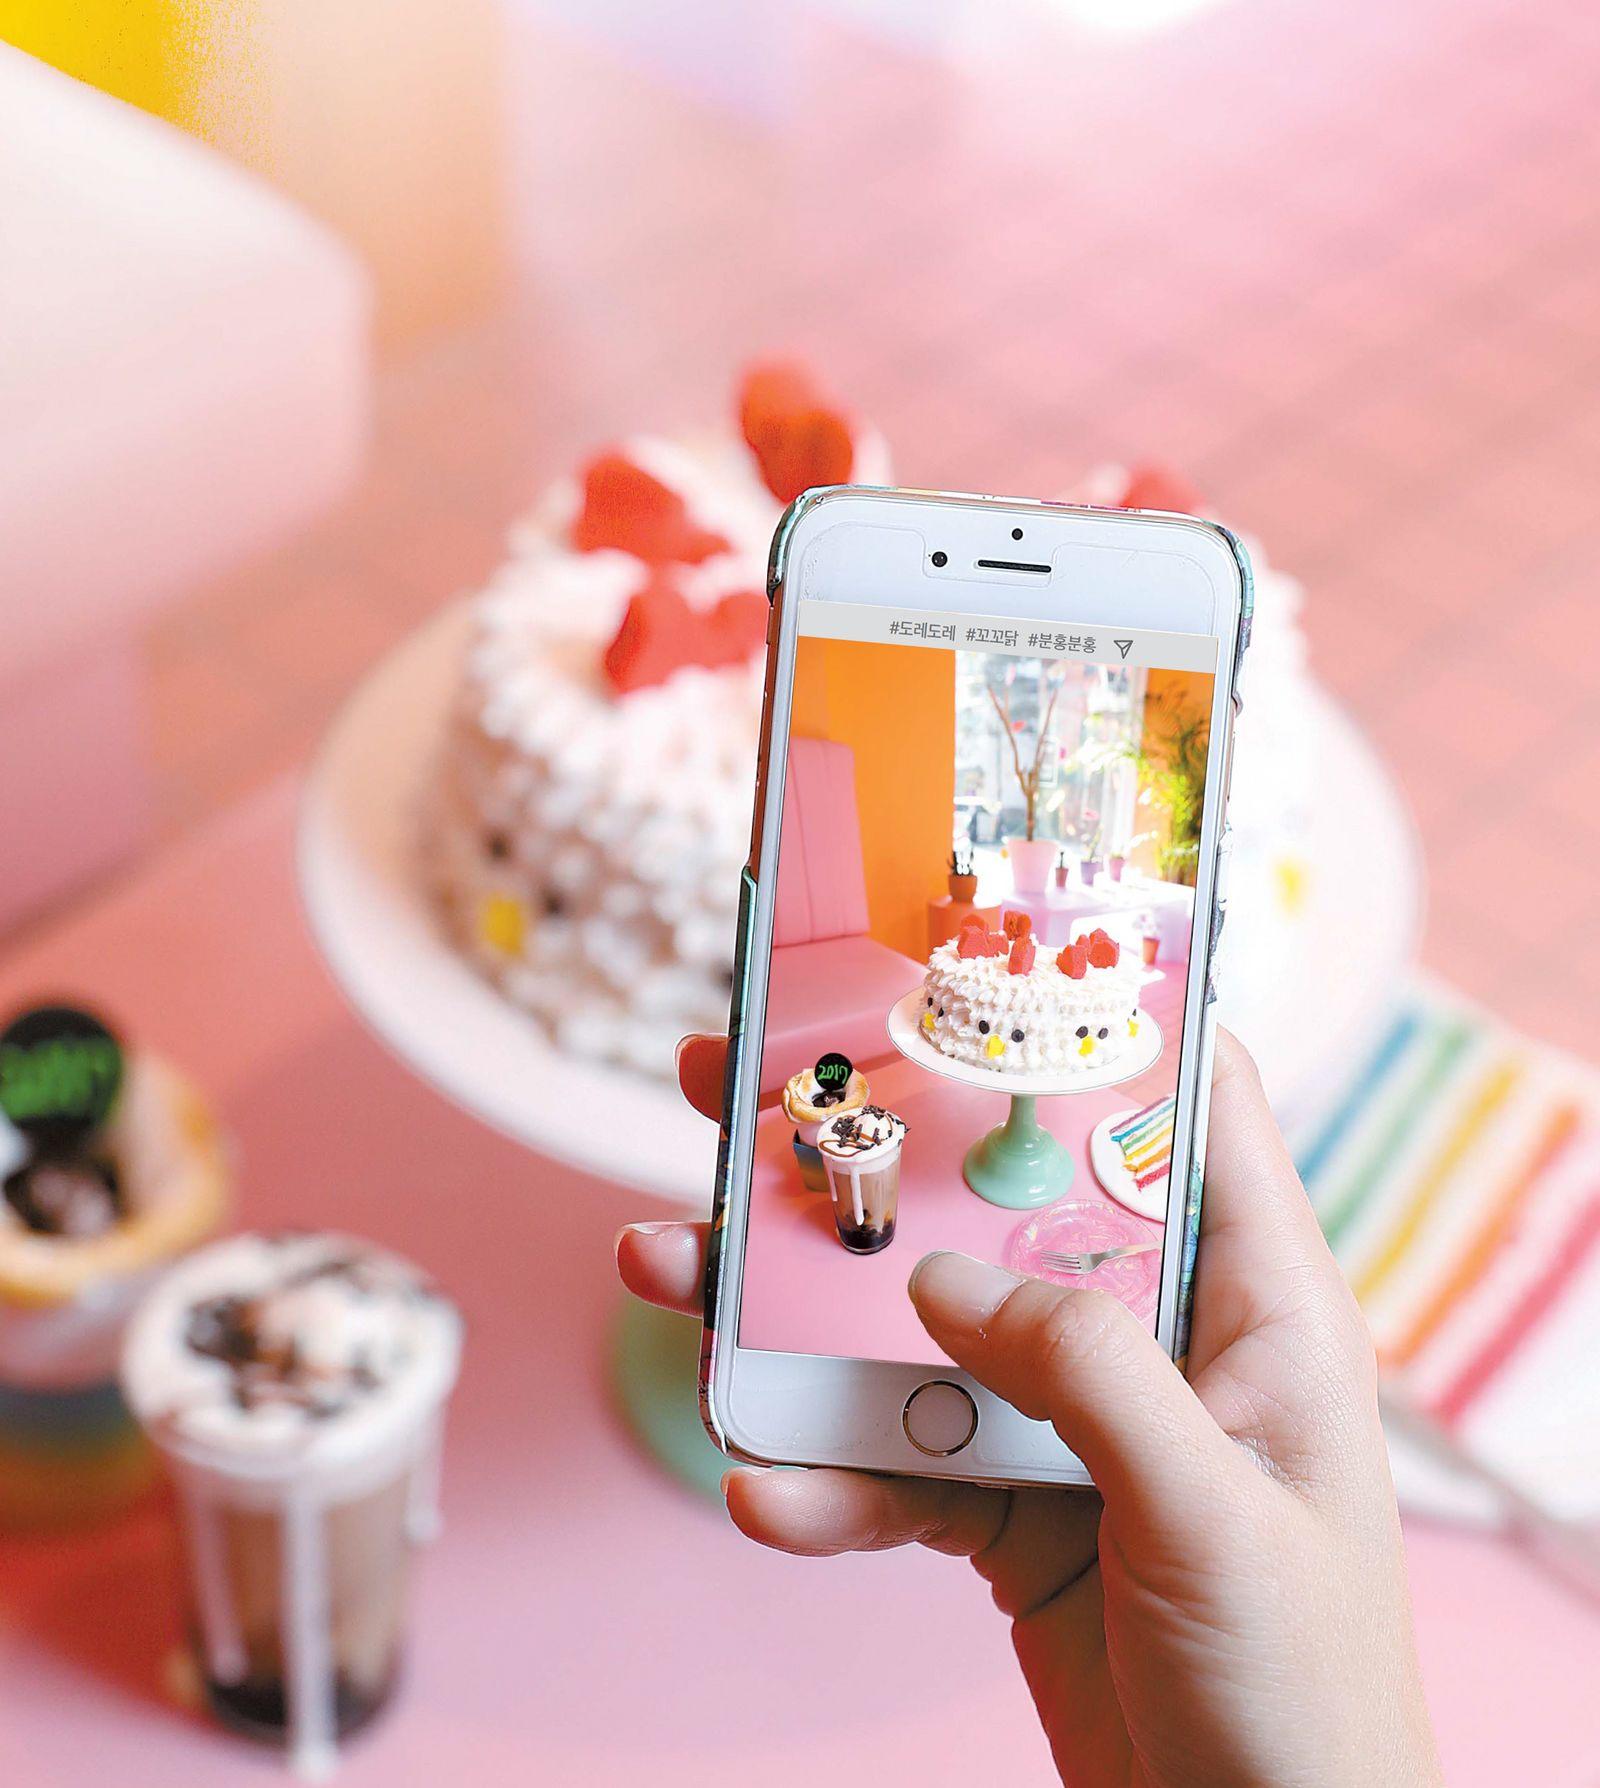 디저트 카페 '도레도레'는 지난해 5월 서울 가로수길에 있는 매장 인테리어를 핑크·파랑·오렌지 등으로 컬러풀하게 바꾼 후 SNS 게시물 수와 고객이 크게 늘었다. 인증샷 손님이 크게 늘었기 때문이다. 정유년을 기념해 한정판으로 내놓은 '꼬꼬닭 케이크'도 테이블에 올리자마자 카메라 세례를 받는 인기 아이템이다.